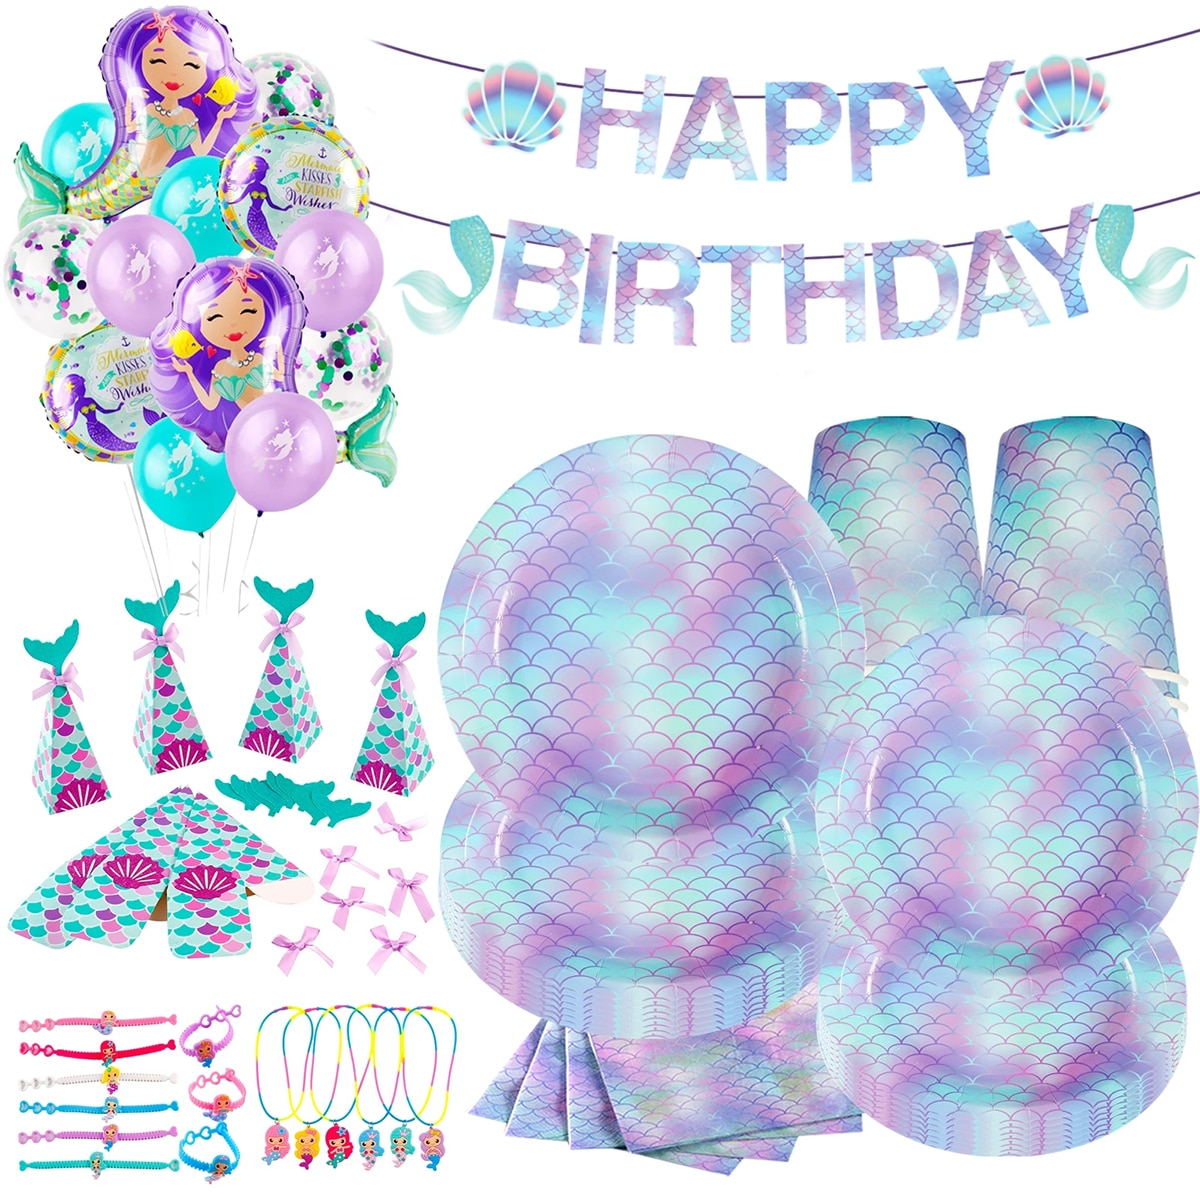 Одноразовая посуда с русалочкой Wayfun, товары для дня рождения Русалочки, украшение для первого дня рождения, вечеринки для девочек